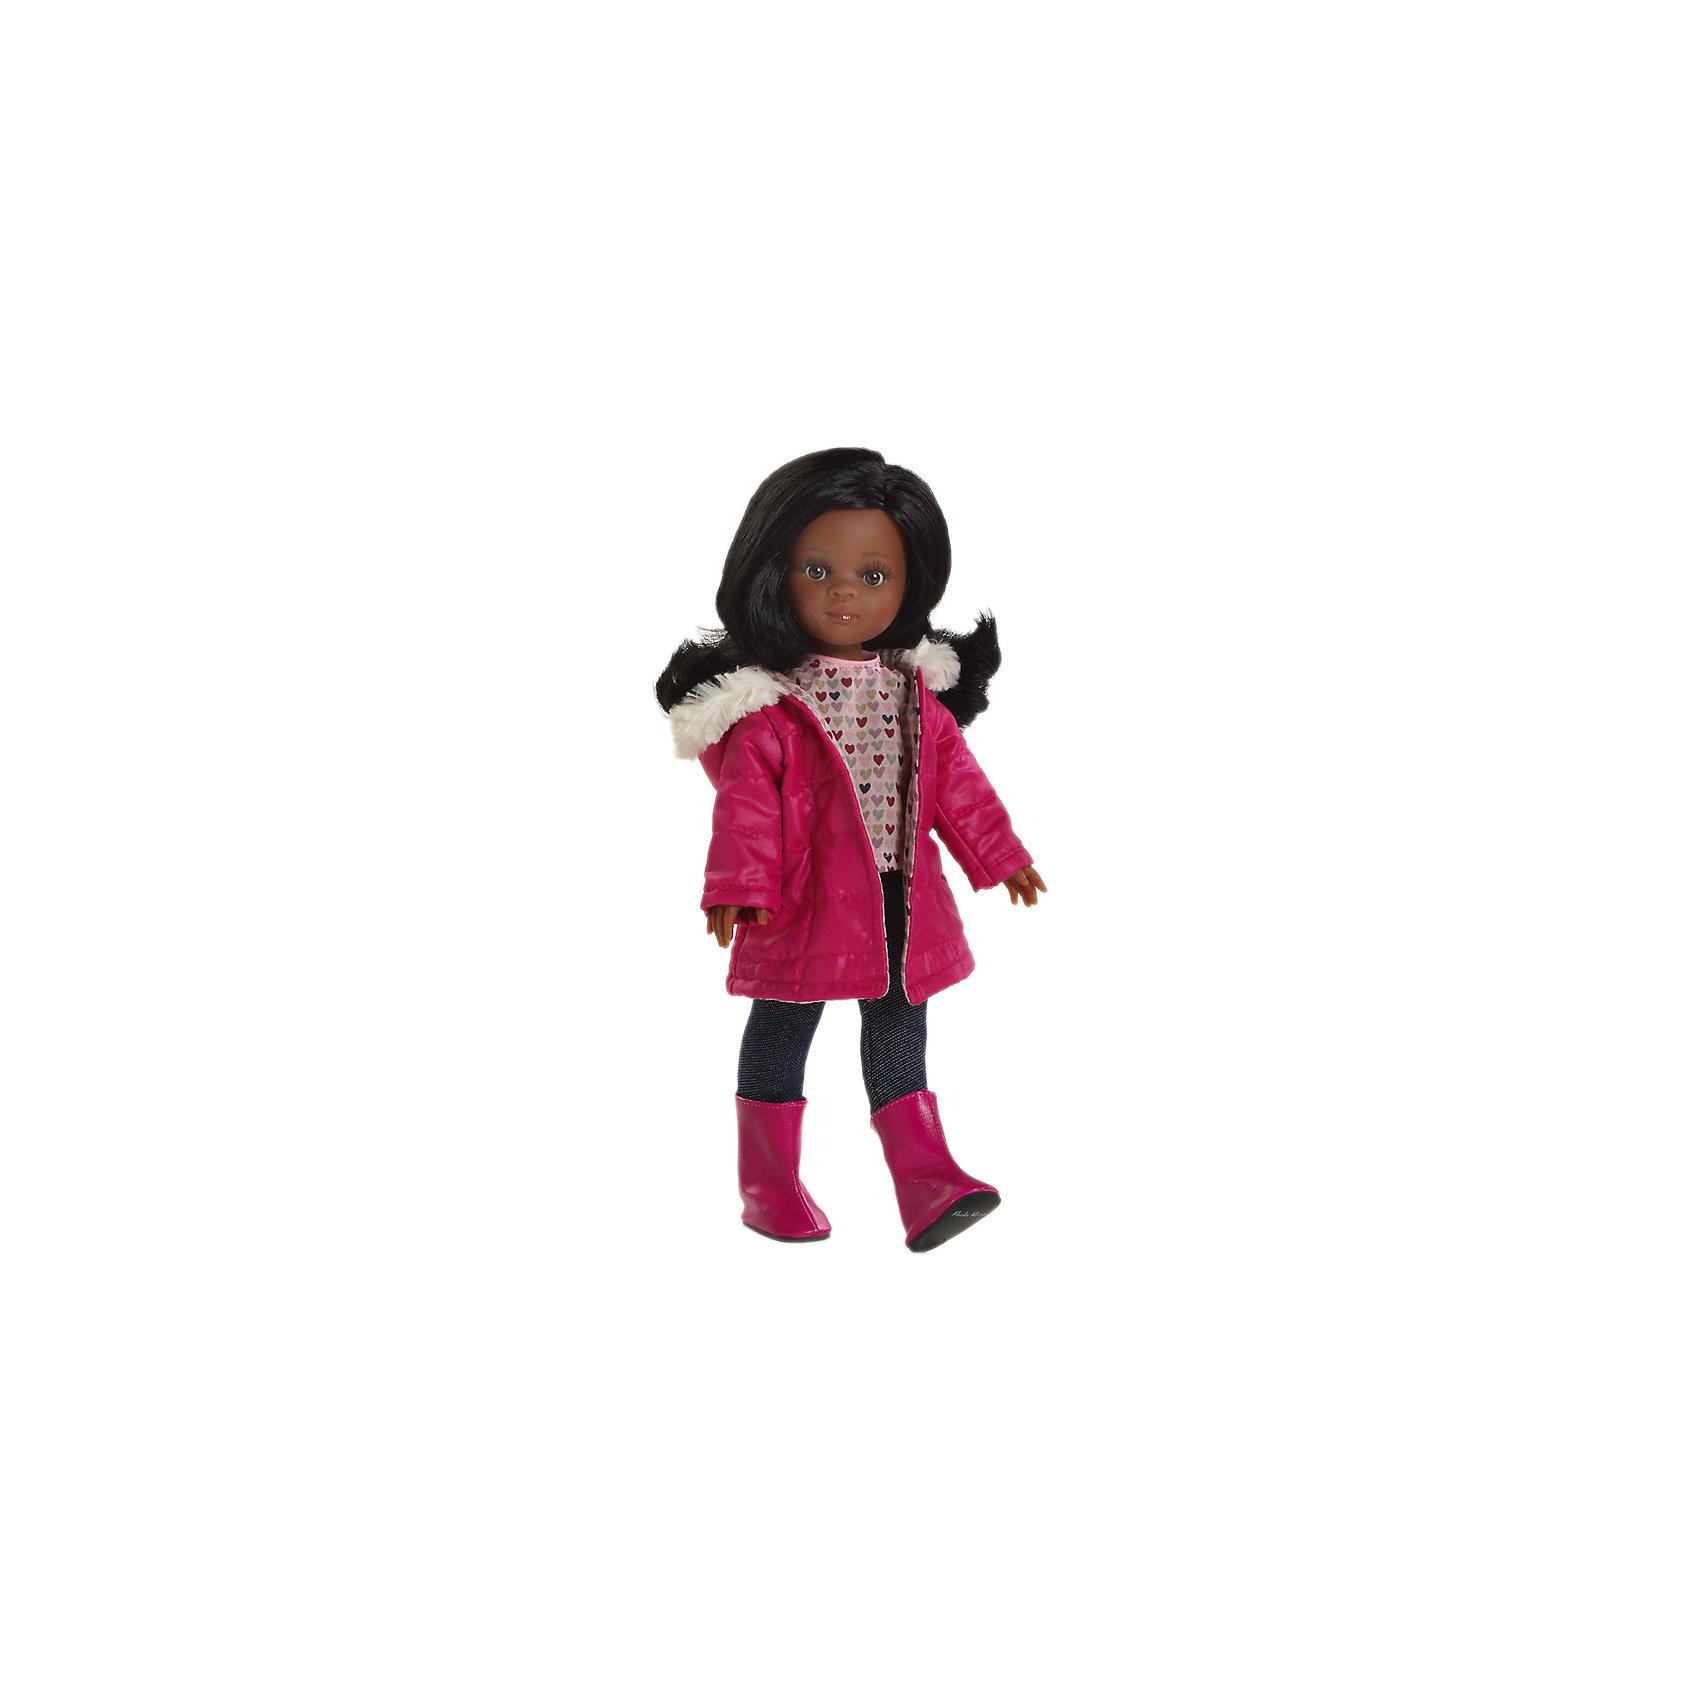 Кукла Нора, 32 см, Paola ReinaКукла Нора, 32 см, Paola Reina (Паола Рейна) – эта очаровательная темнокожая красавица станет прекрасным подарком для вашей девочки.<br>Кукла Нора, Paola Reina (Паола Рейна) – красивая кукла, которая с радостью станет верной подружкой вашей девочке. У куклы красивые большие глазки, невероятно длинные реснички и длинные черные волосы, которые малышка сможет расчесывать и укладывать в самые разнообразные прически. Нора одета в осенний наряд, состоящий из пестрой кофточки, леггинсов и яркой куртки. На ножках у нее - розовые сапожки в тон куртки. Кукла имеет уникальный, неповторимый дизайн лица и тела - все мельчайшие делали, идеально выполнены и проработаны. Голова, руки и ножки двигаются, глаза не закрываются. Особый шарм кукле придает приятный и легкий ванильный аромат. Кукла изготовлена из качественного и экологически чистого винила.<br><br>Дополнительная информация:<br><br>- Ручная работа (ресницы, щечки, губы, прическа) делает кукол от Paola Reina настолько натуральными, что их лицо выглядит совсем как живое<br>- Волосы очень похожи на натуральные, они легко расчесываются и блестят<br>- Эксклюзивная одежда из высококачественного текстиля<br>- Материалы: кукла изготовлена из винила, глаза выполнены в виде кристалла из прозрачного твердого пластика, волосы сделаны из высококачественного нейлона<br>- Национальность: африканка<br>- Рост куклы: 32 см.<br>- Упаковка: картонная коробка<br>- Качество подтверждено нормами безопасности EN17 ЕЭС<br><br>Куклу Нора, 32 см, Paola Reina (Паола Рейна) можно купить в нашем интернет-магазине.<br><br>Ширина мм: 110<br>Глубина мм: 230<br>Высота мм: 410<br>Вес г: 667<br>Возраст от месяцев: 36<br>Возраст до месяцев: 144<br>Пол: Женский<br>Возраст: Детский<br>SKU: 4314880